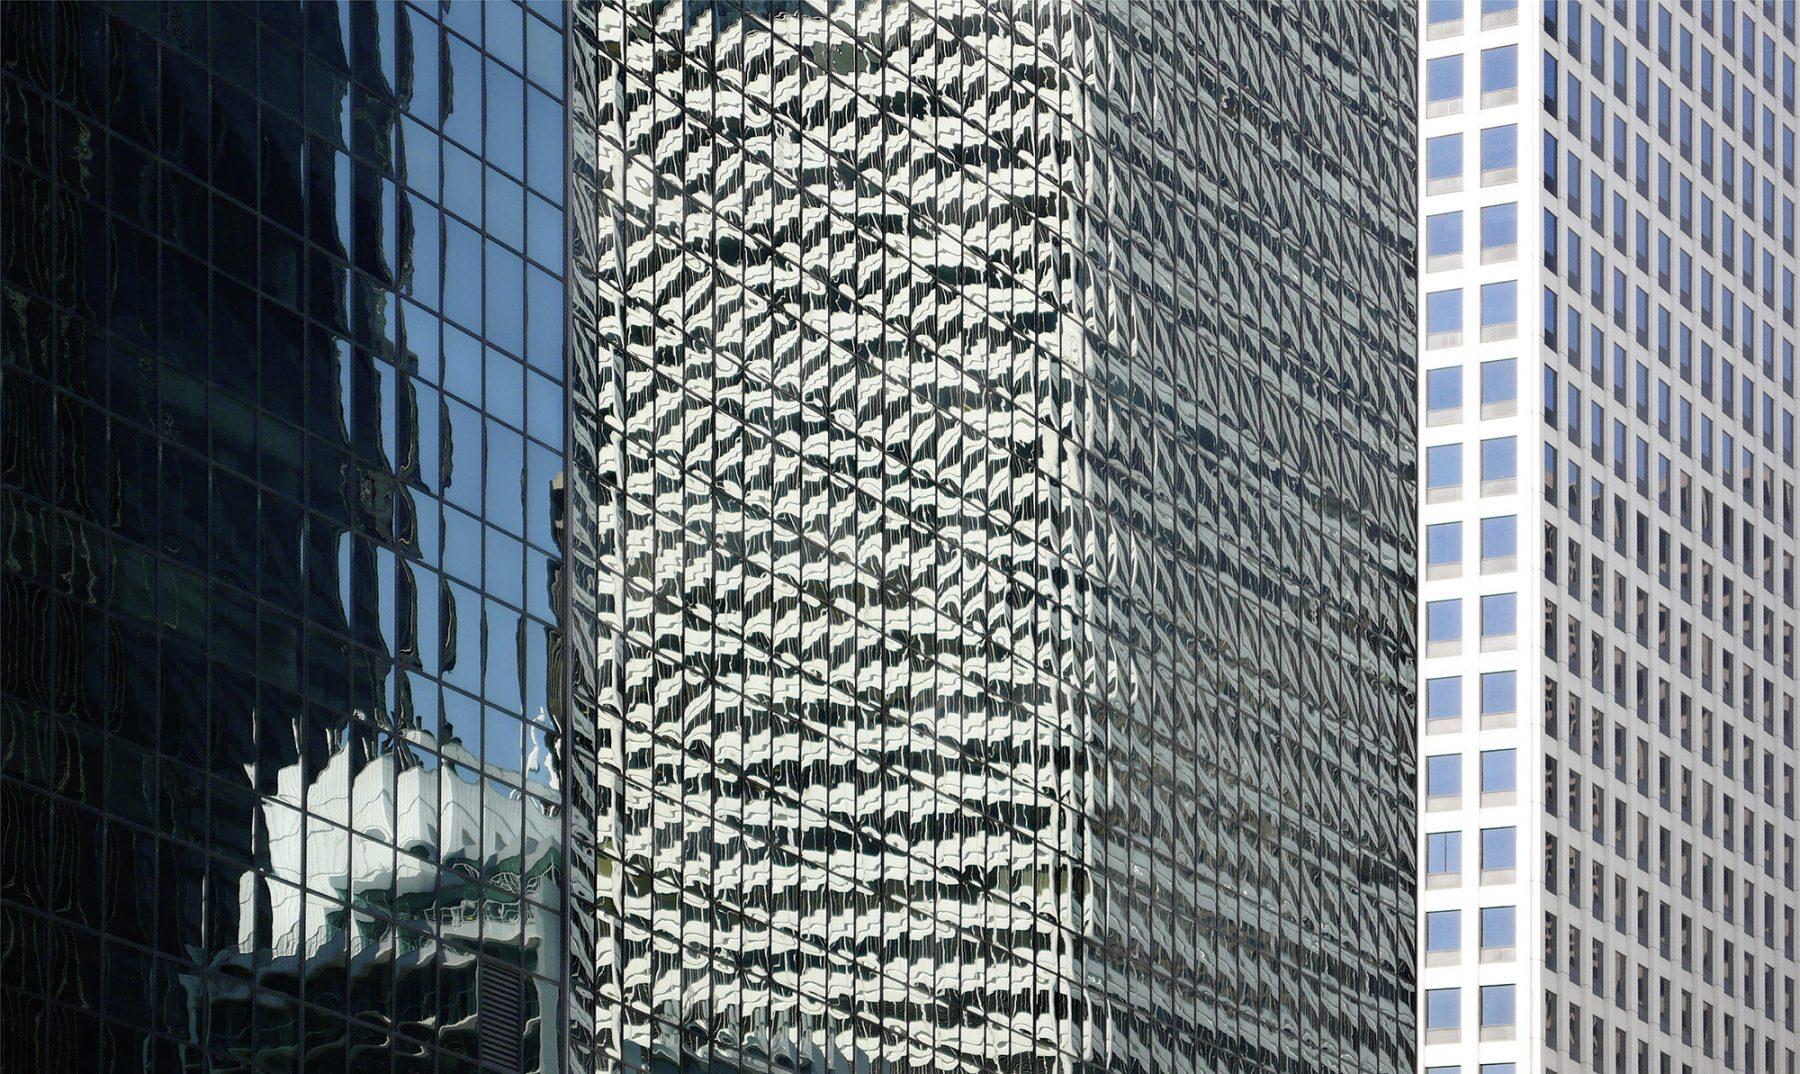 Chicago, spiegelnde Hochhäuser